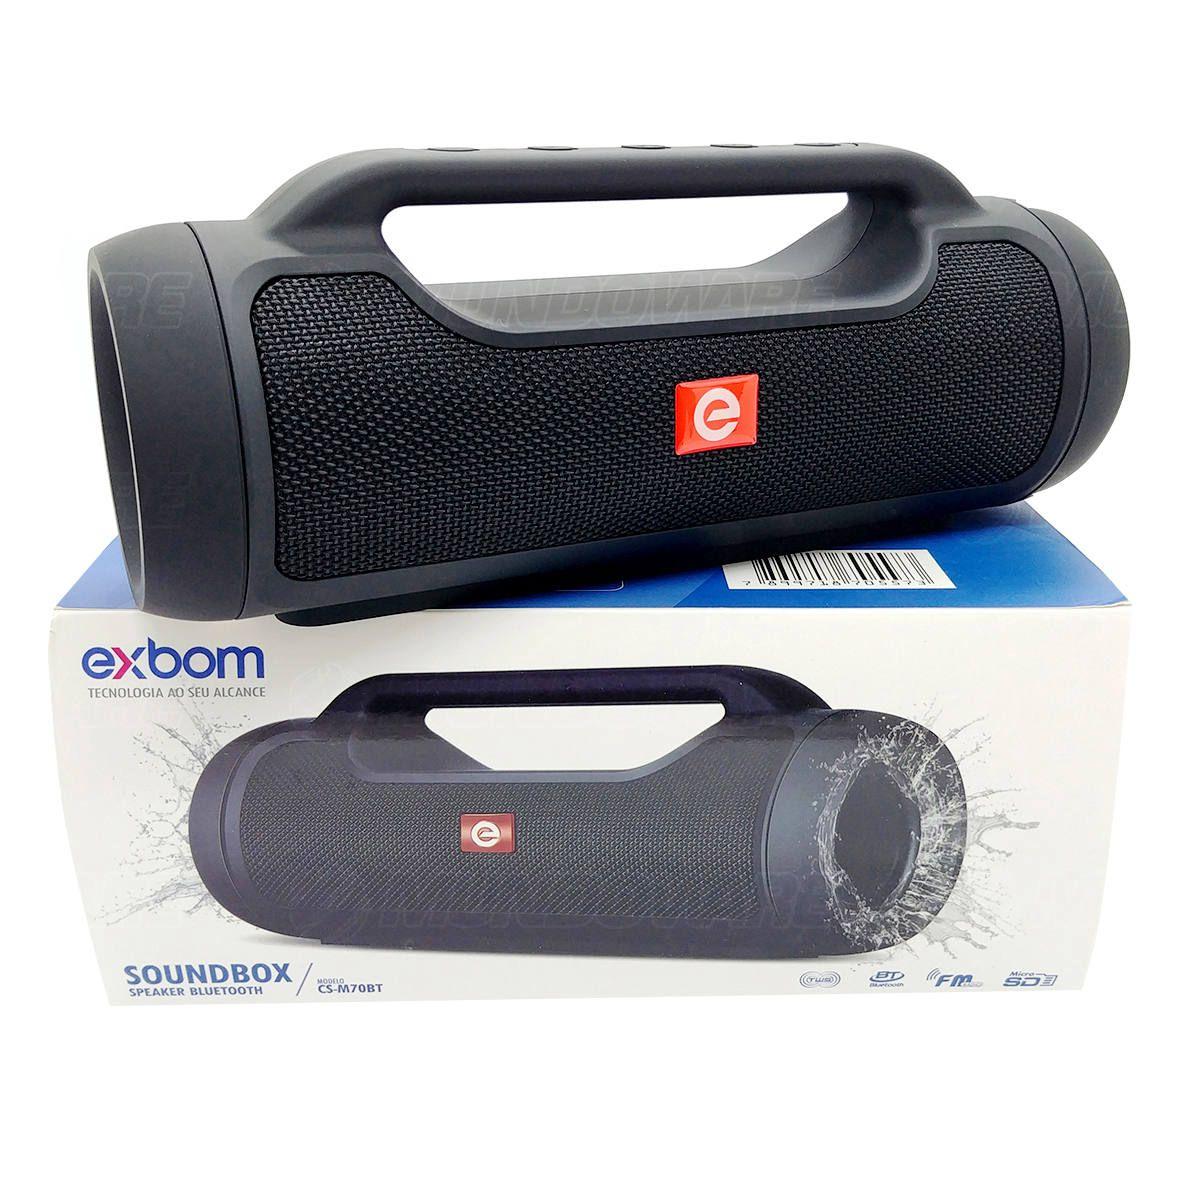 Caixa Soundbox Speaker Bluetooth com TWS FM P2 USB Micro SD Microfone Integrado com Alça EXBOM CS-M70BT Preta